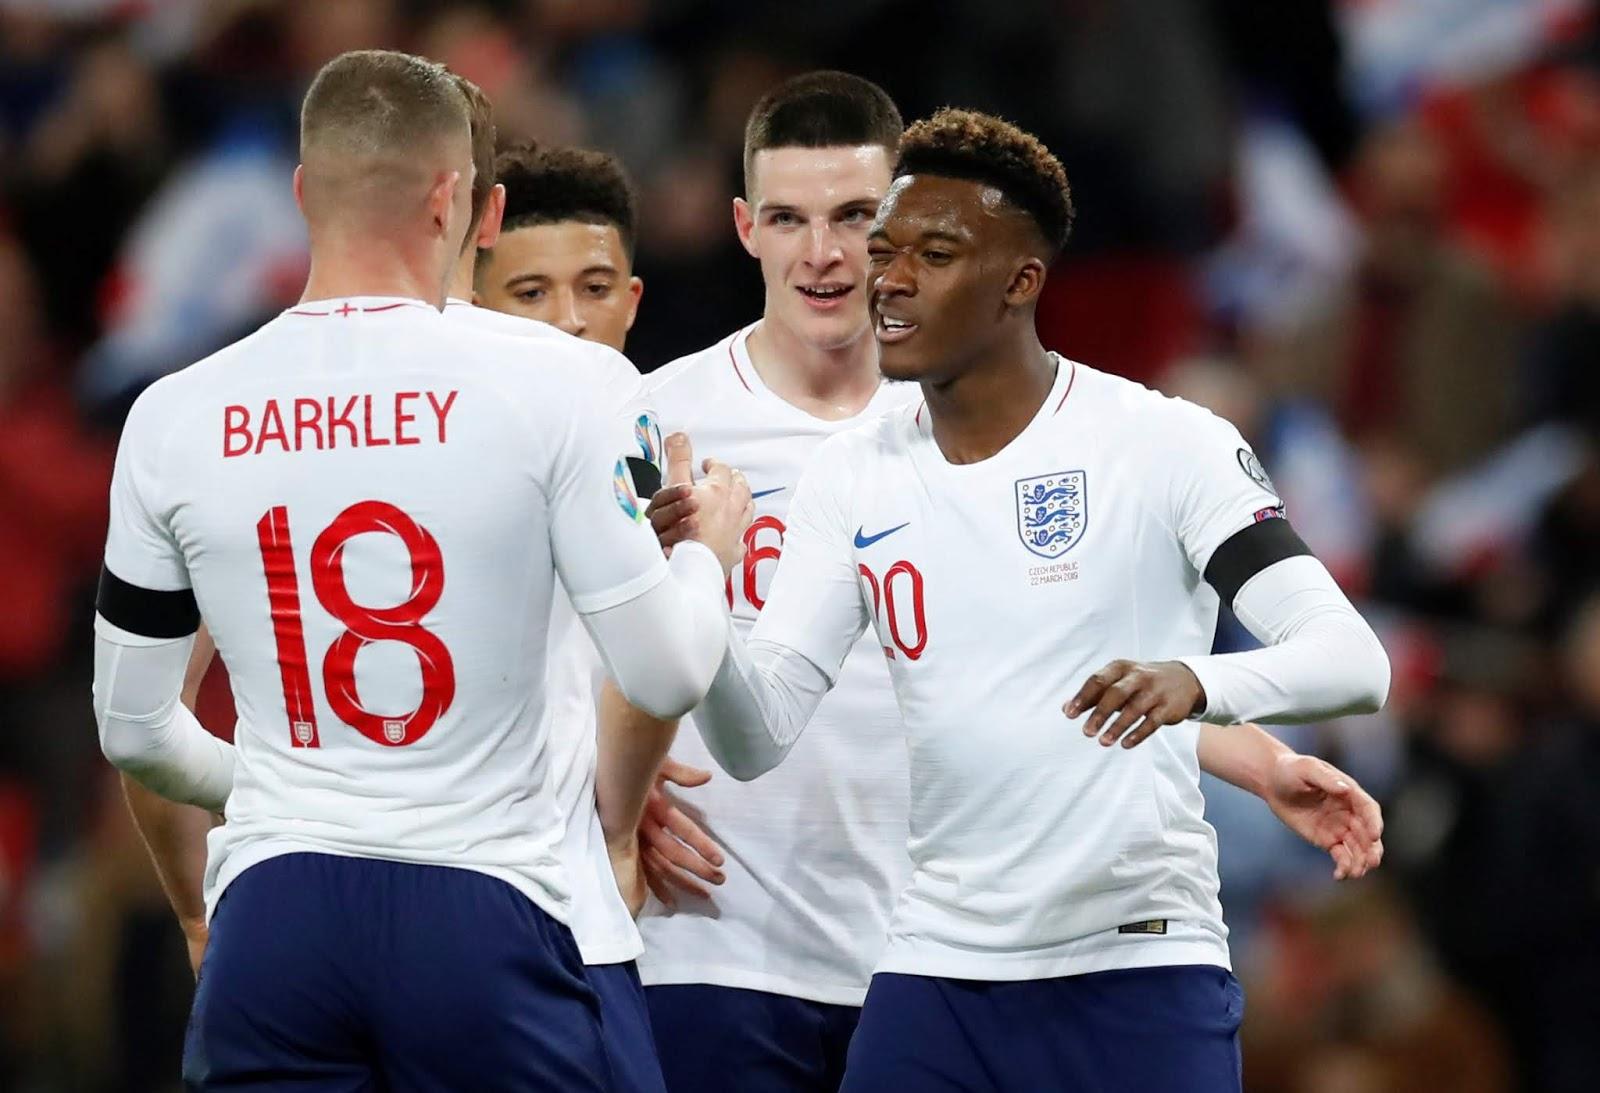 نتيجة مباراة انجلترا وجمهورية التشيك بتاريخ 11-10-2019 التصفيات المؤهلة ليورو 2020